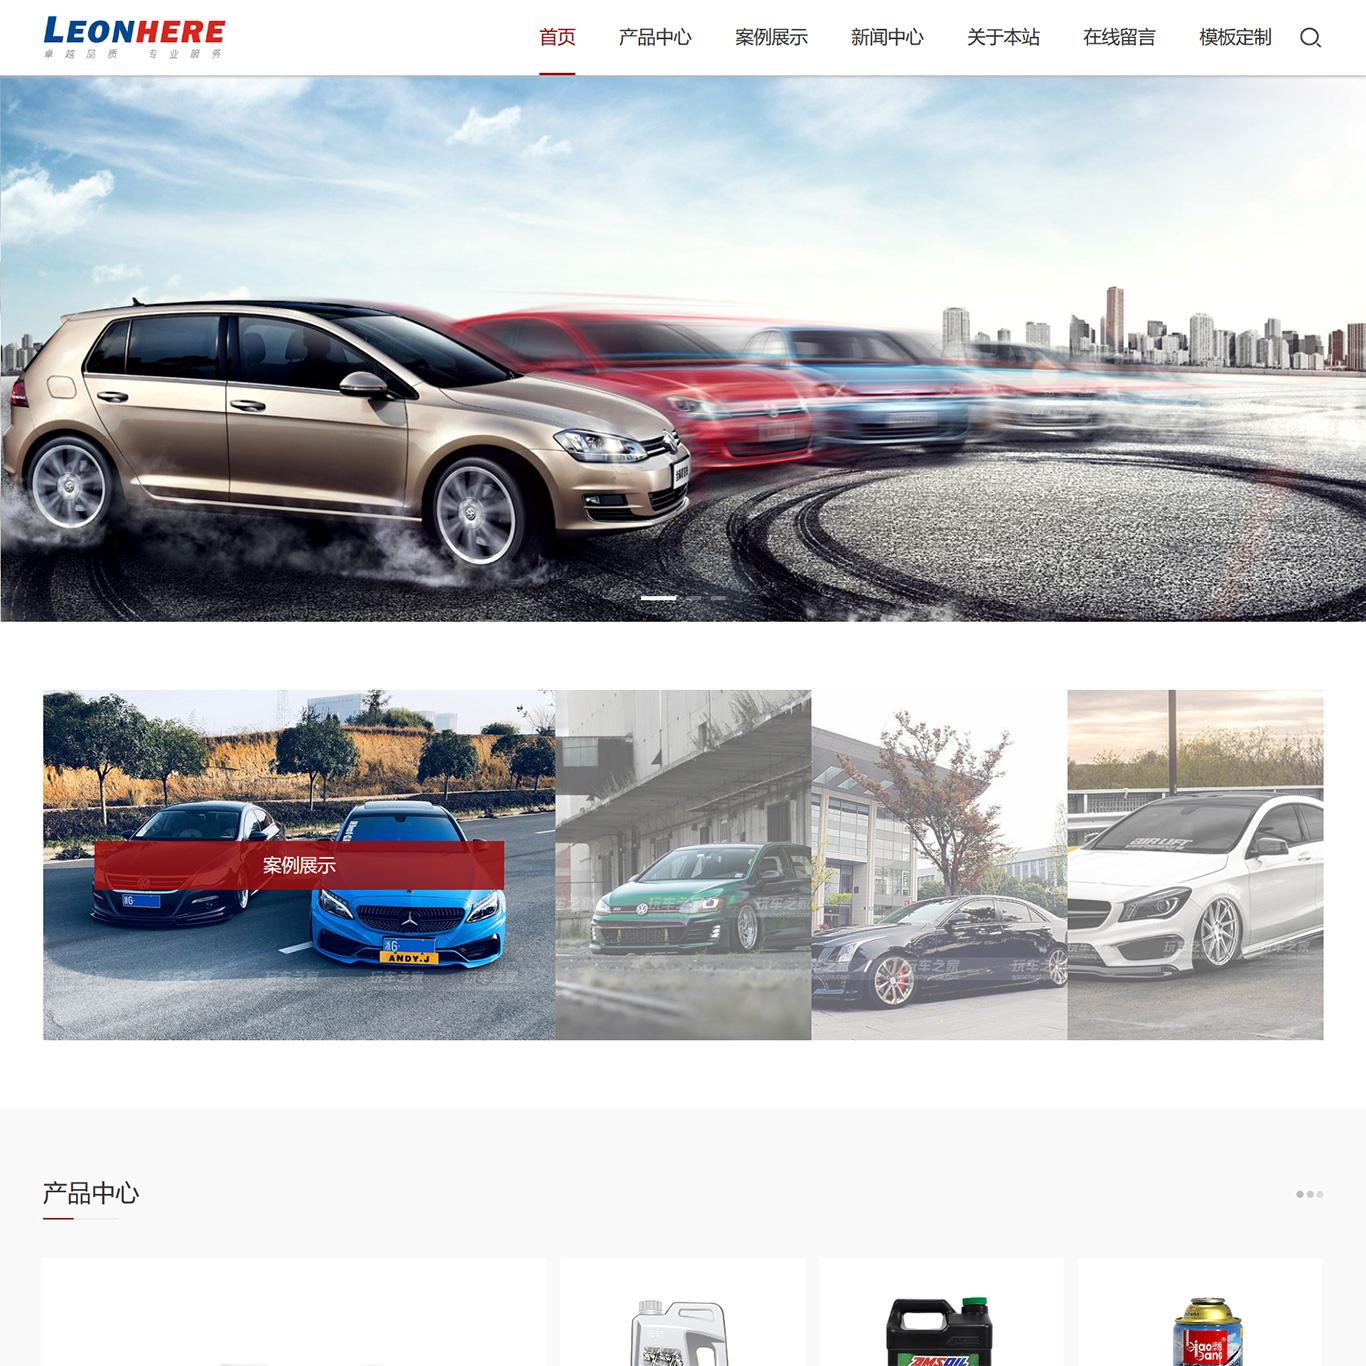 Z-Blog企业产品展示主题